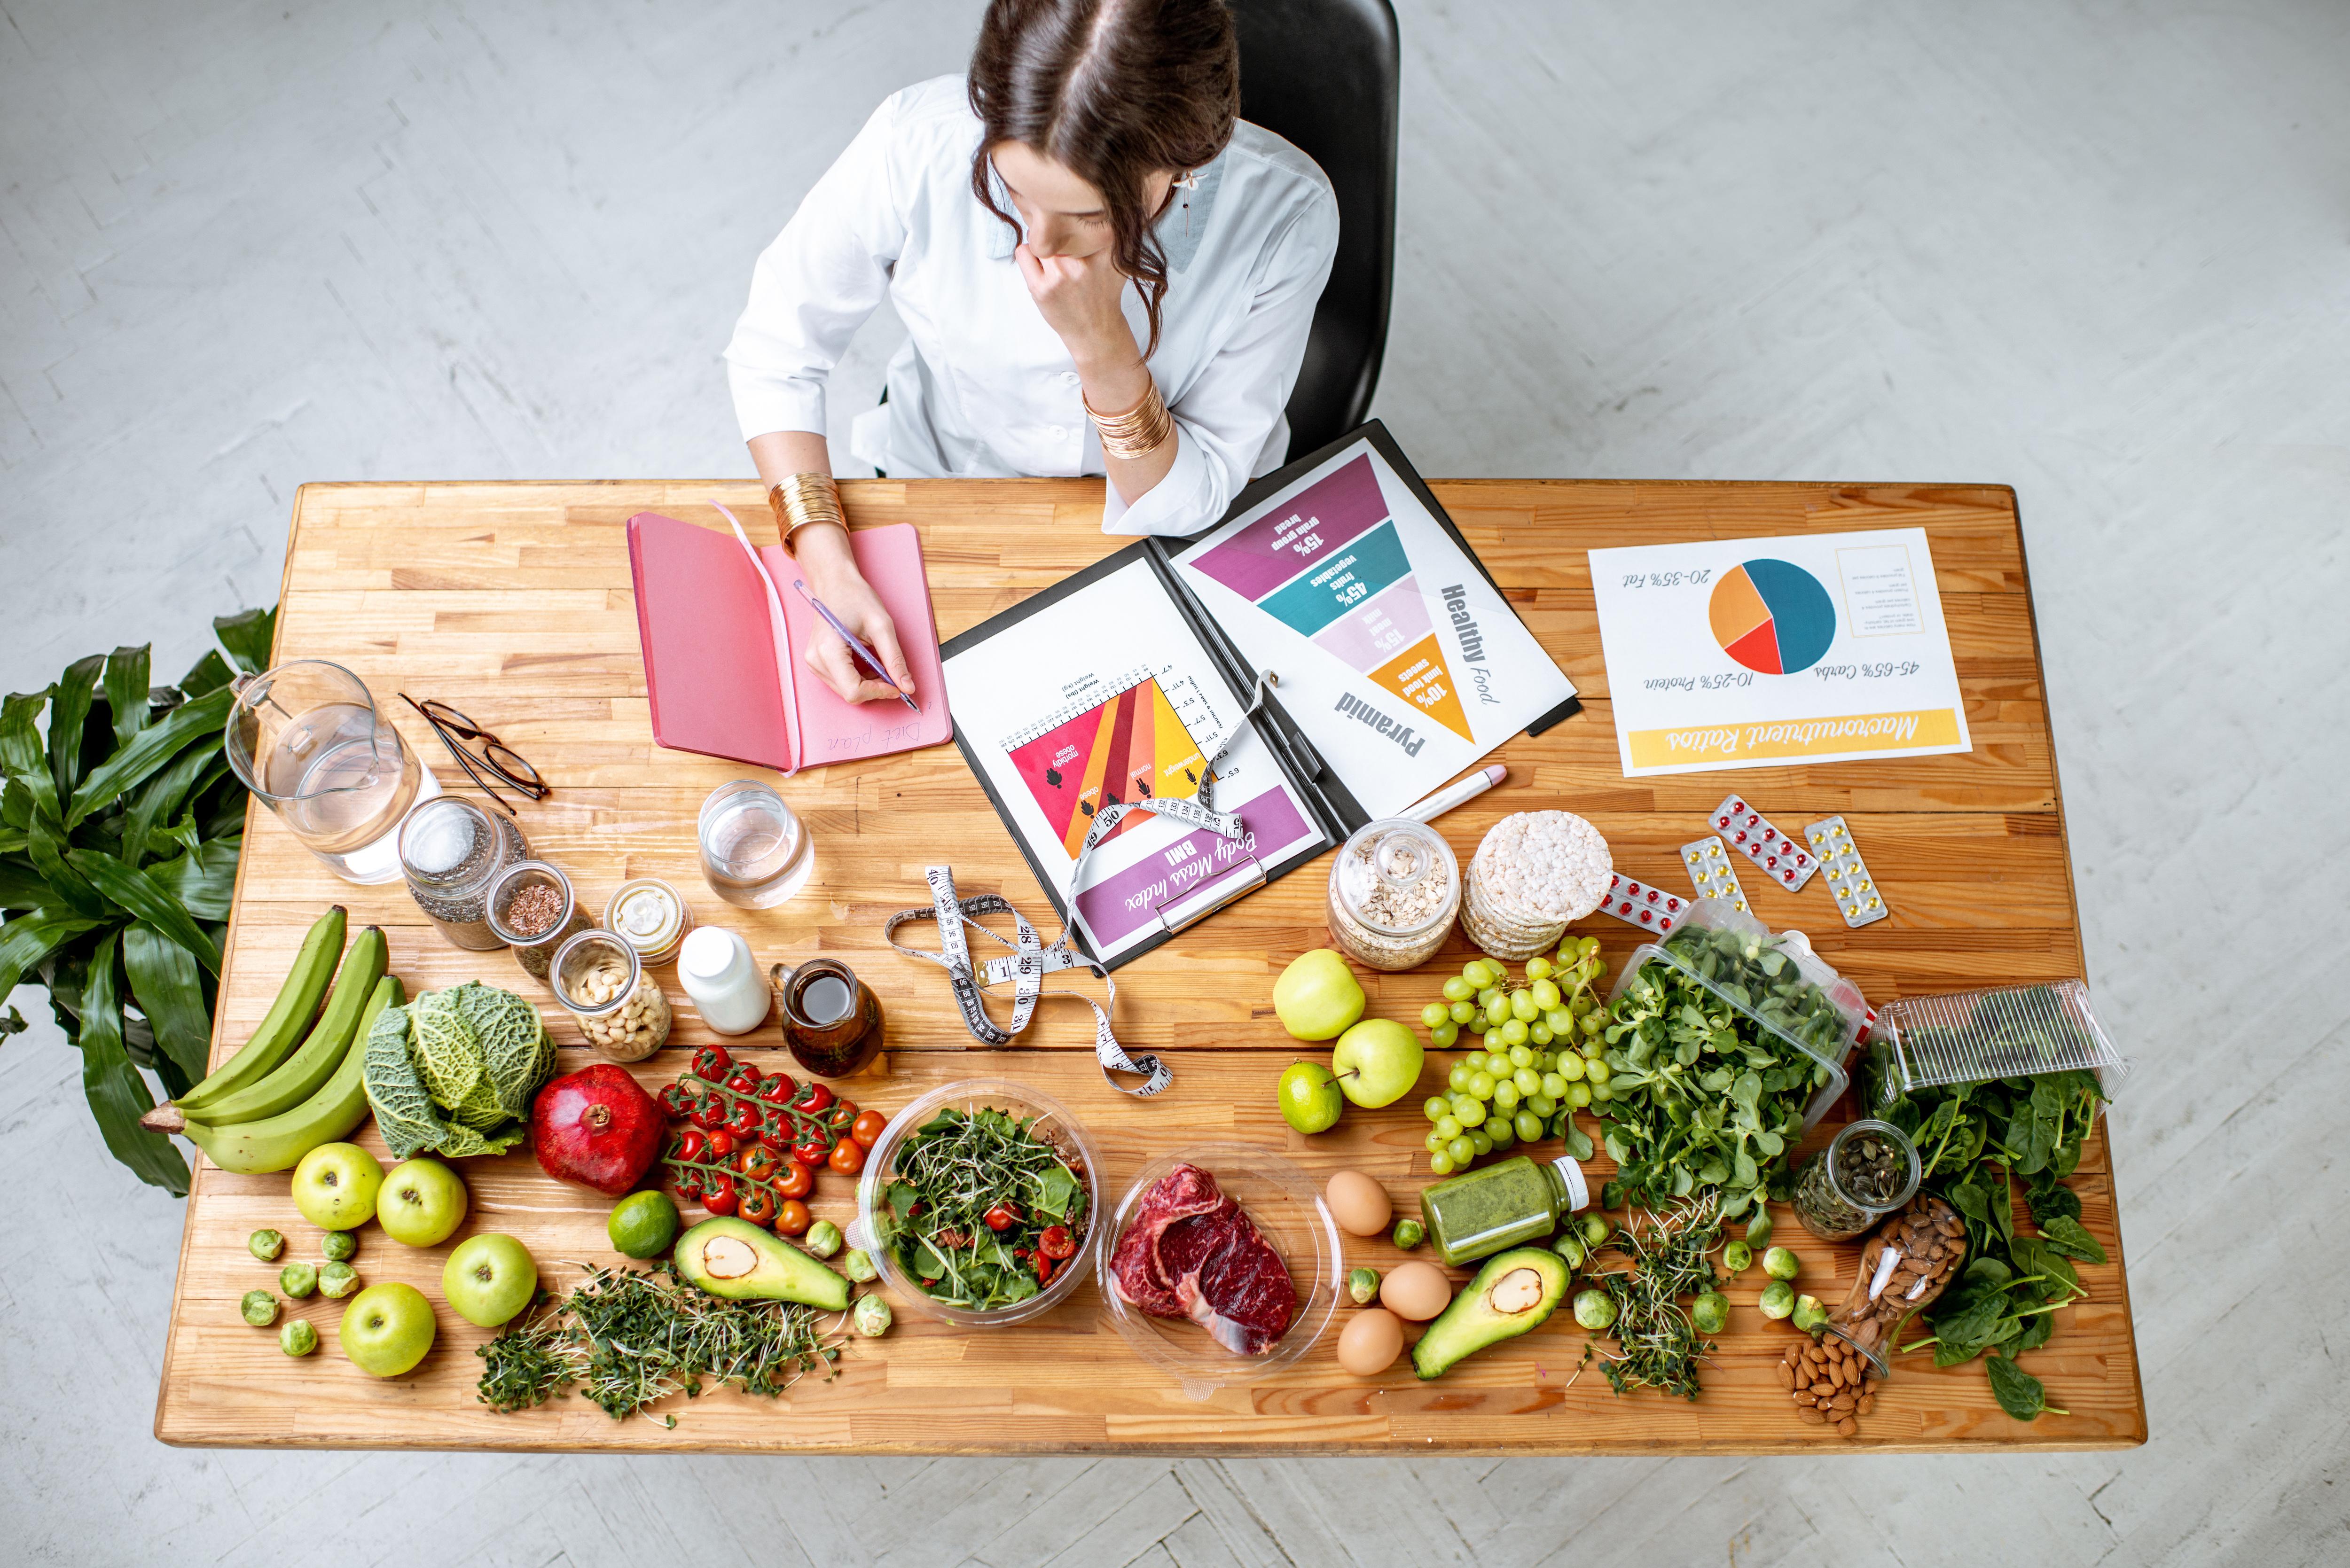 diete per nutrizionisti gratuiti